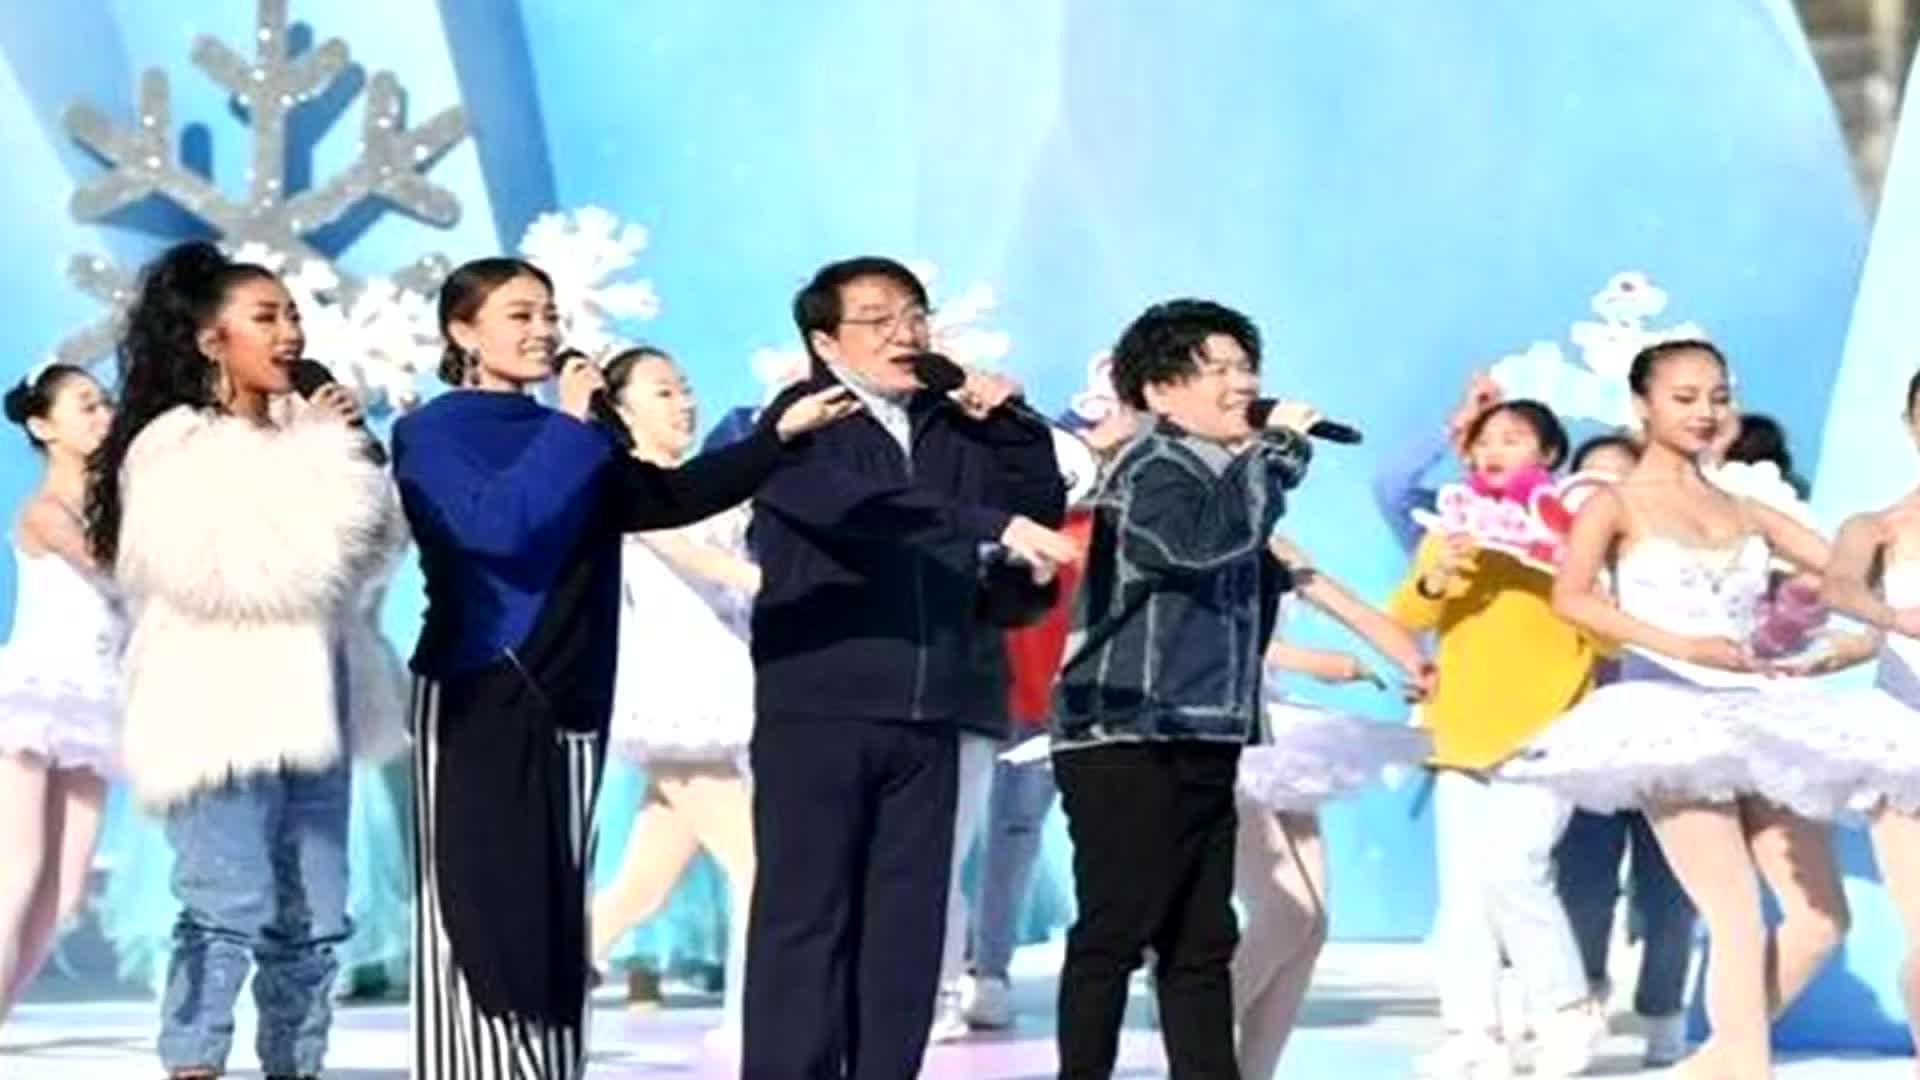 北京冬奥会全球招募赛会志愿者 需要3.9万人持续一年半